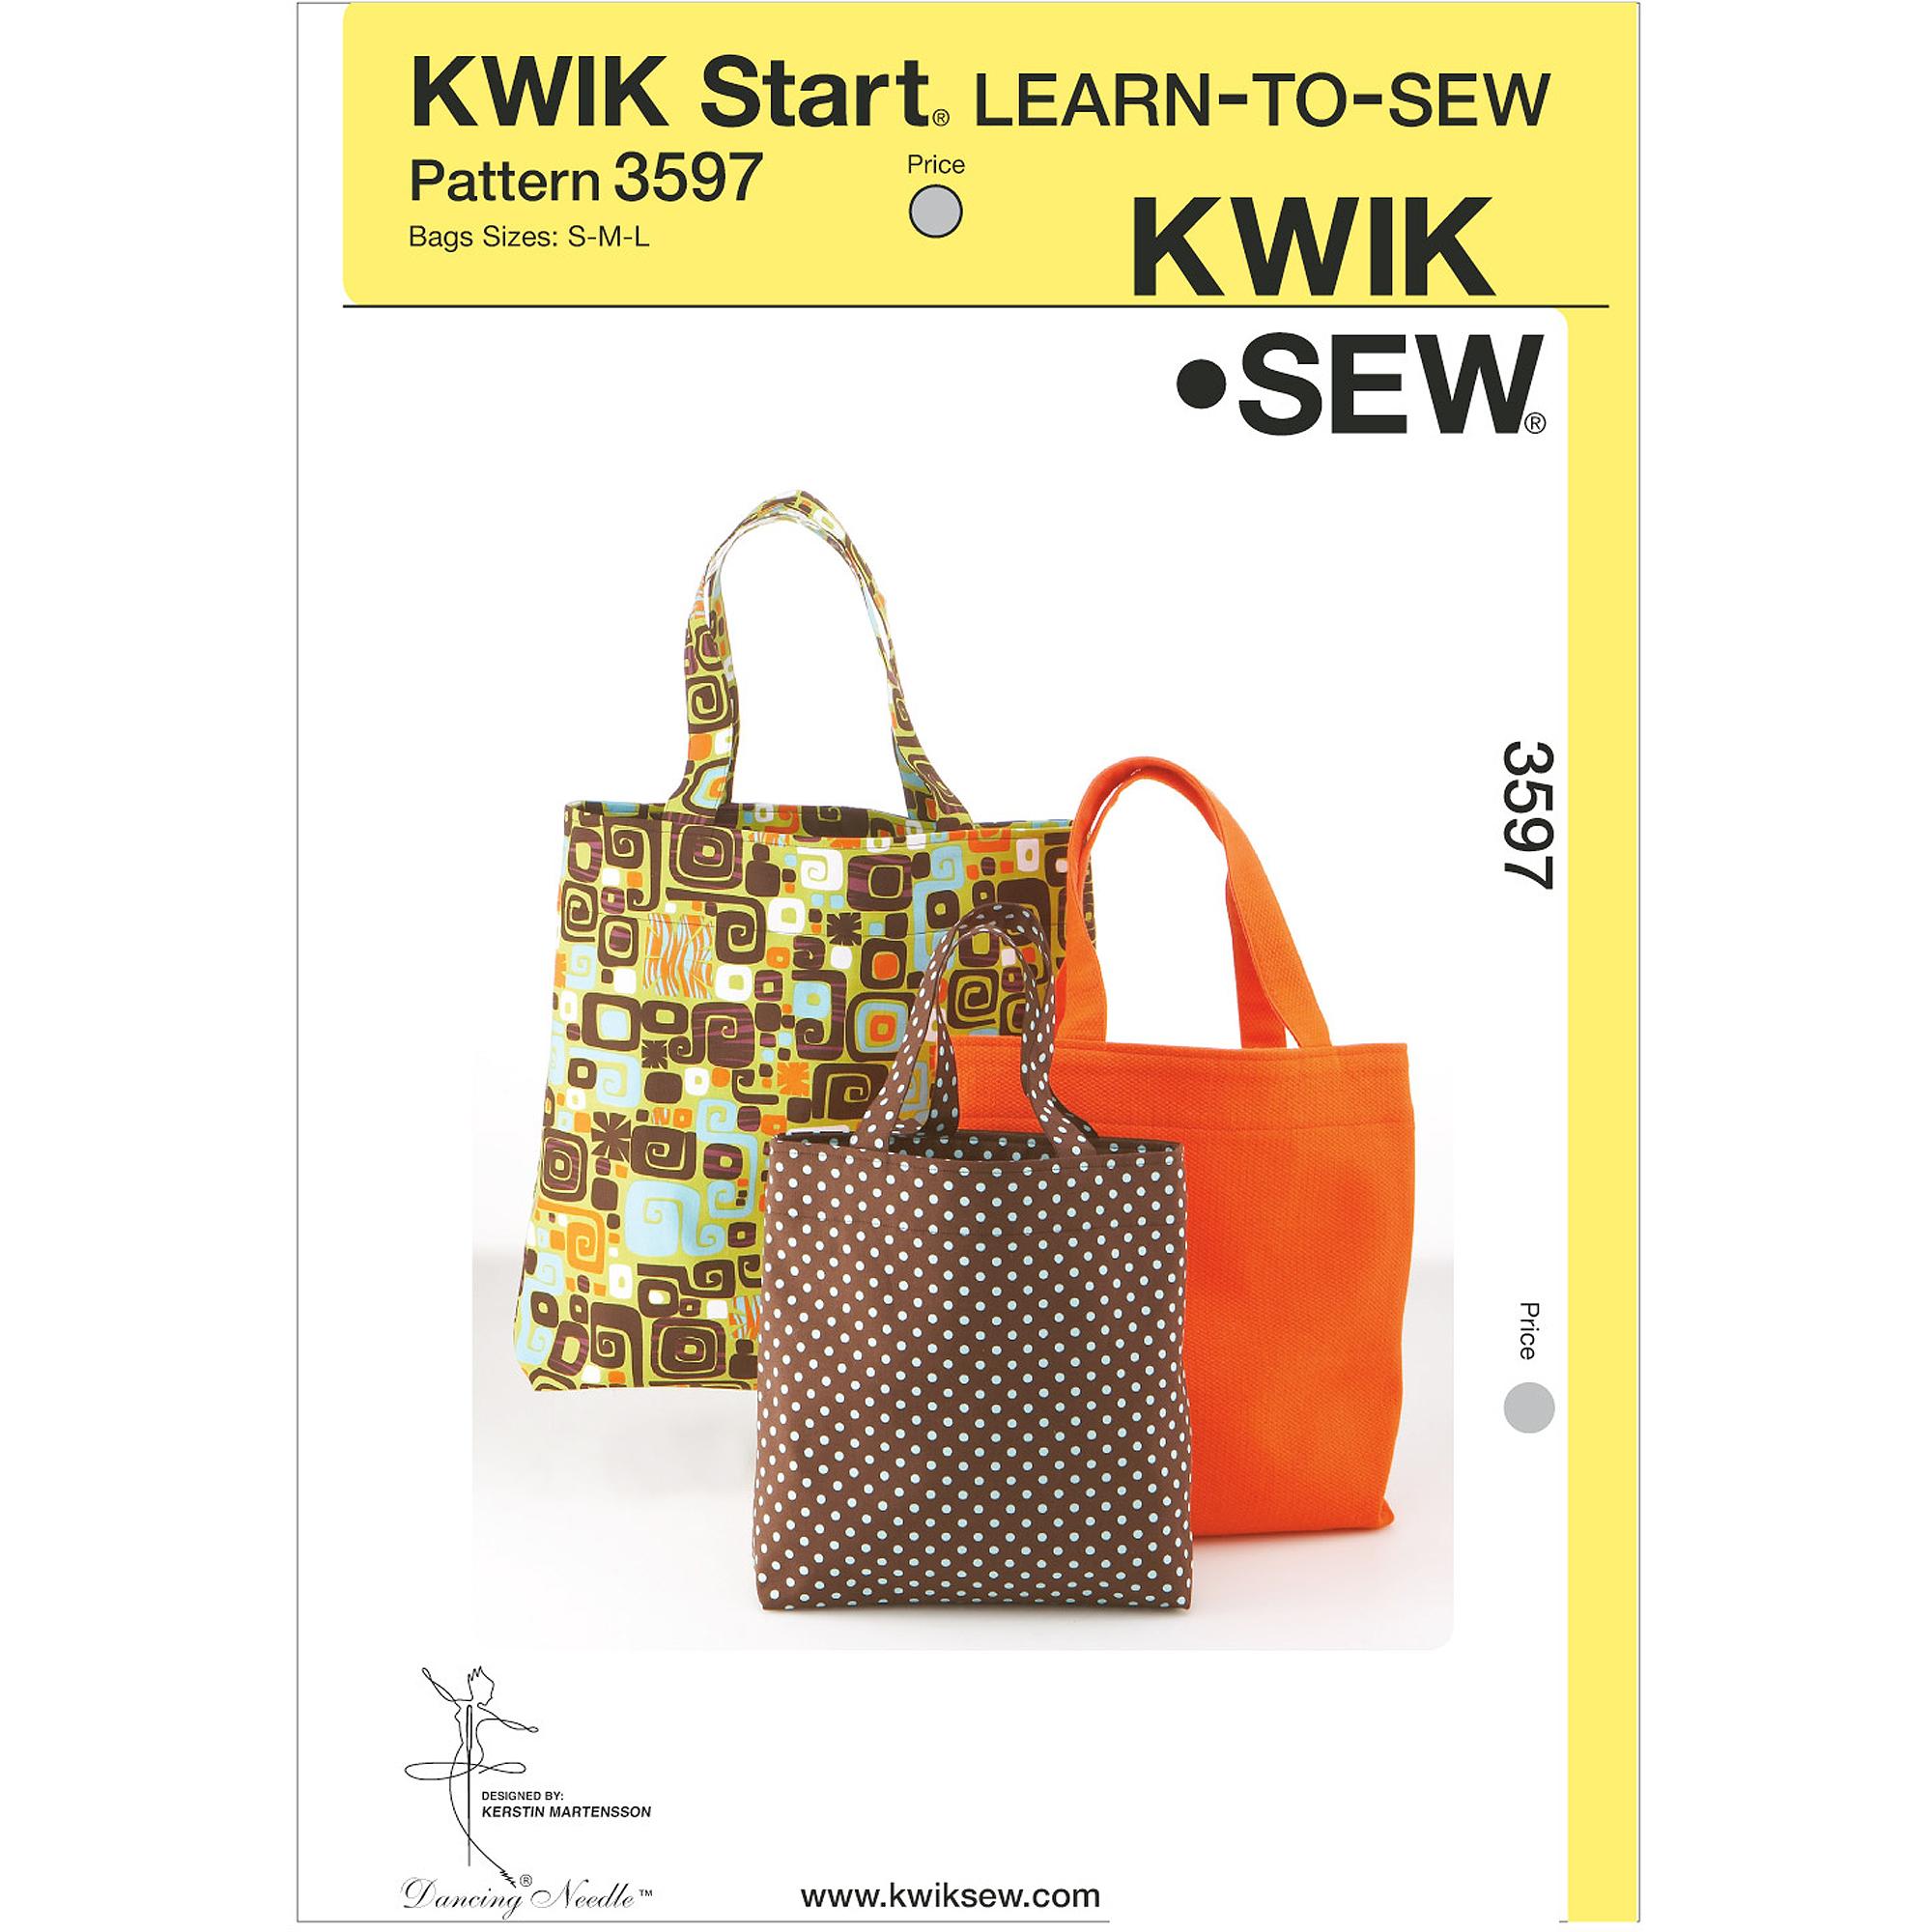 Kwik Sew Bags, (S, M, L)